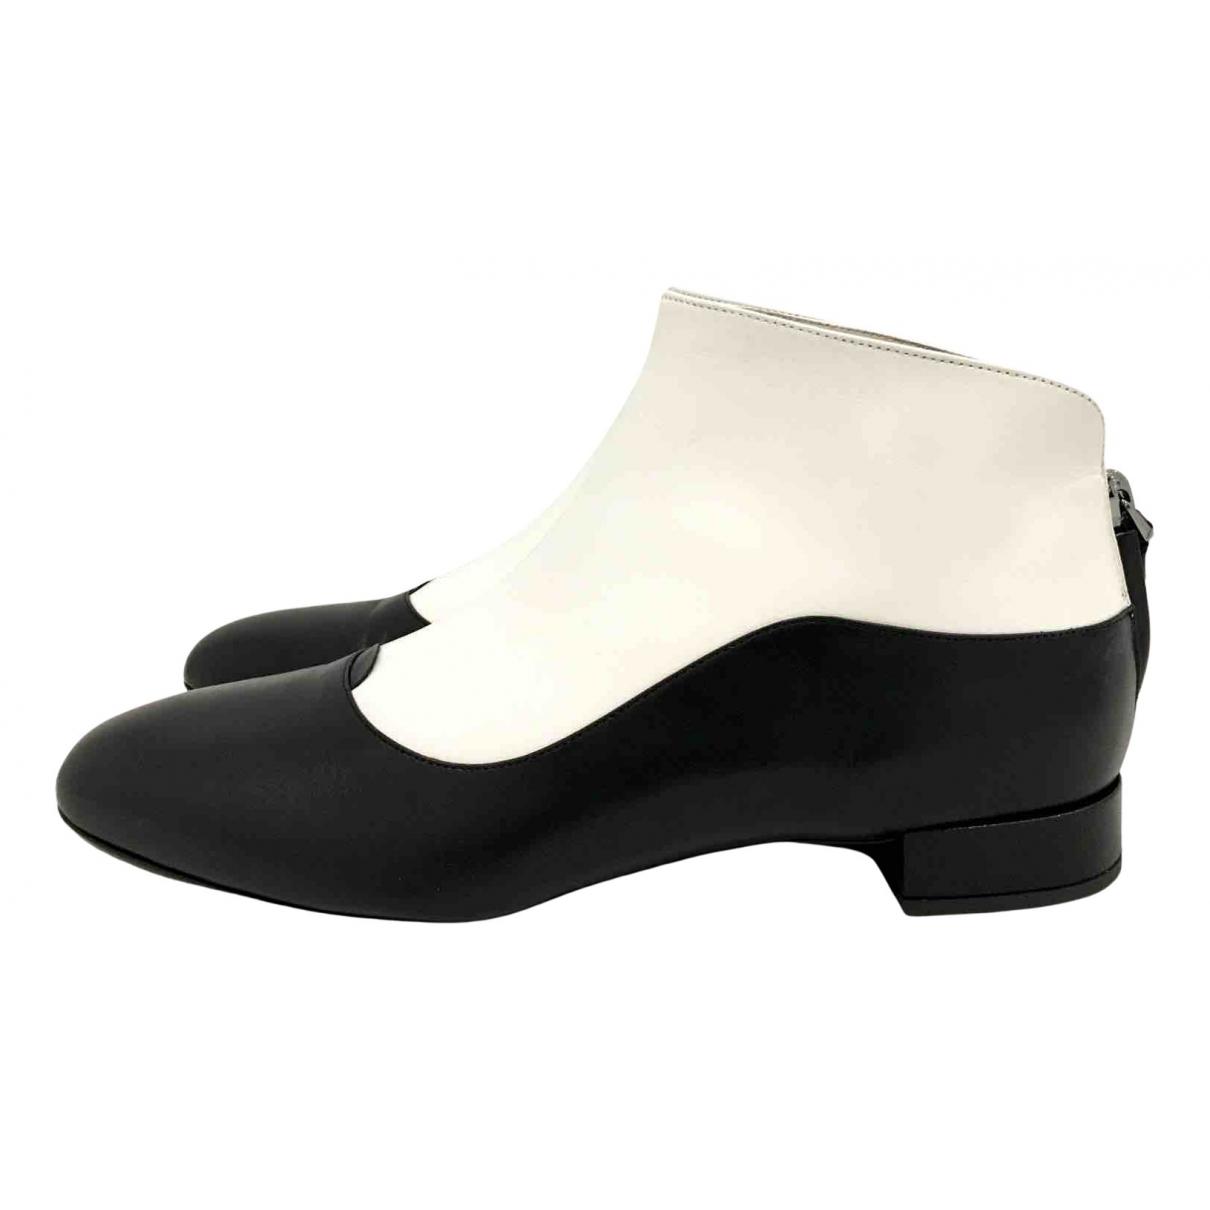 Giorgio Armani - Boots   pour femme en cuir - noir